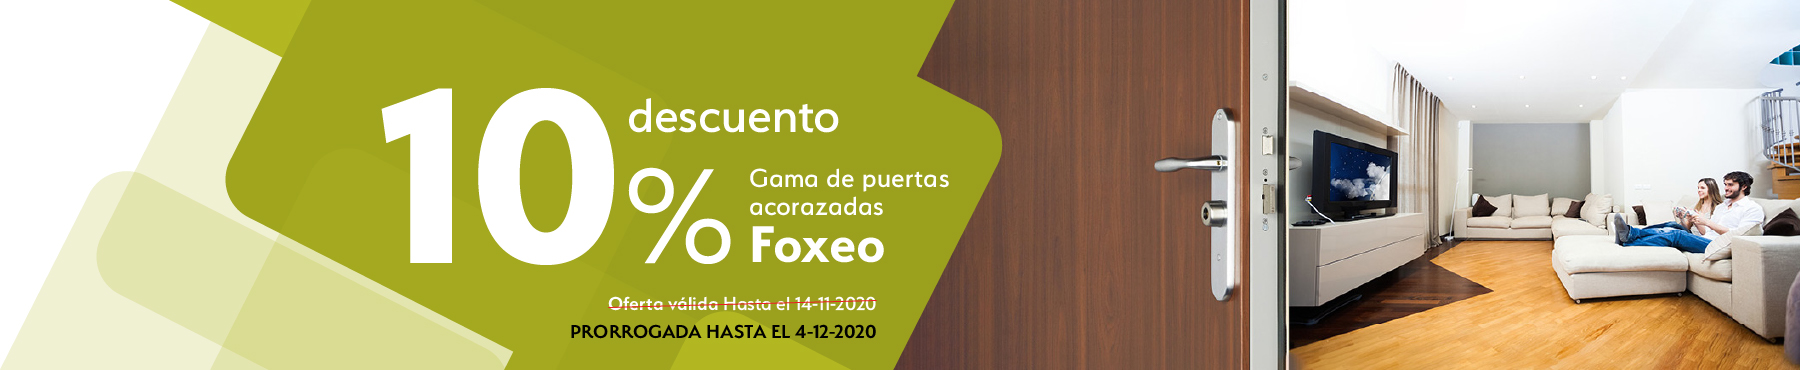 Oferta descuento Puertas Foxeo COntinox Fichet